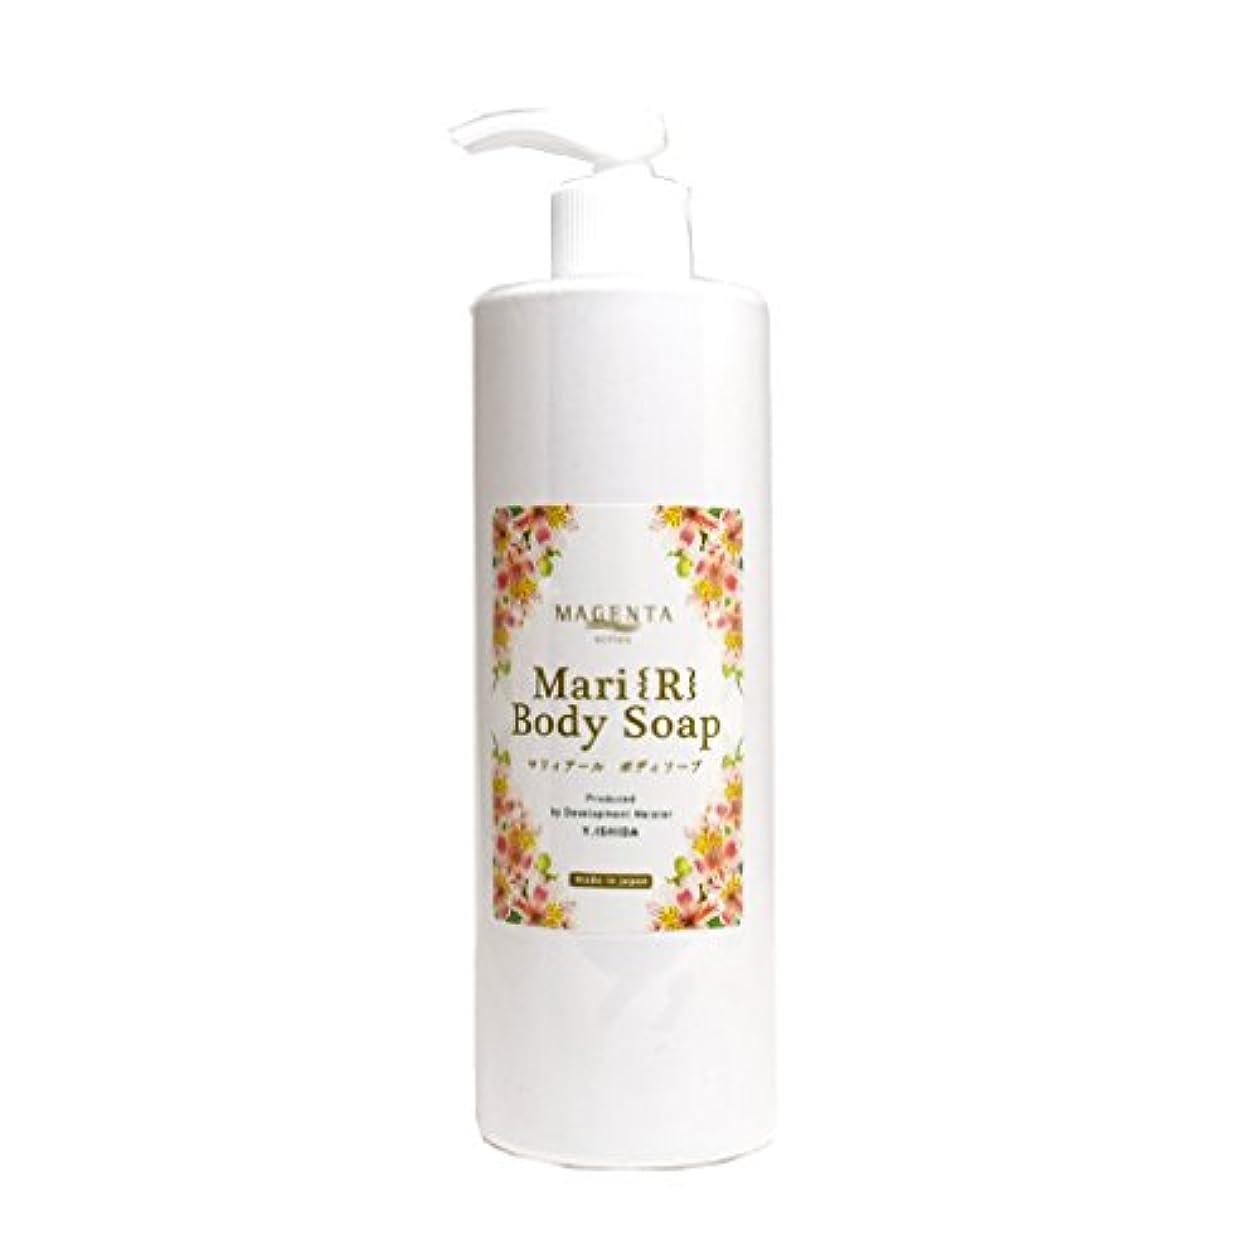 分析的提供アサーMAGENTA Mari R Body Soap 400ml マジェンタ マリイアール ボディソープ 日本製